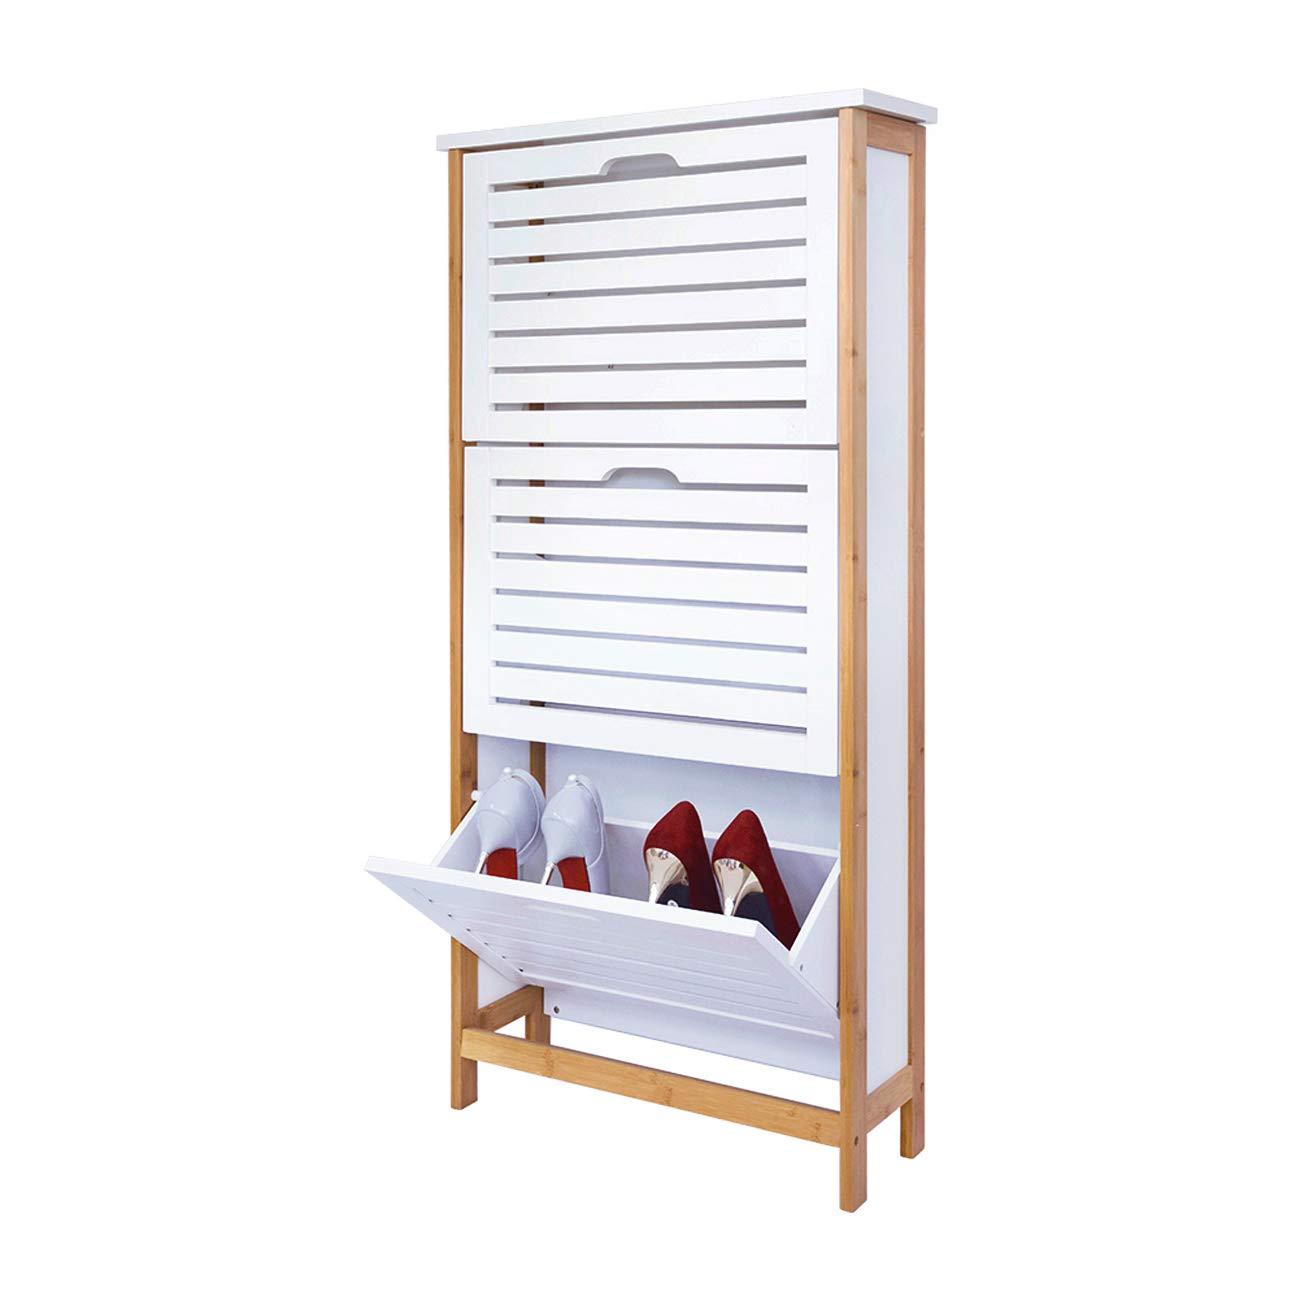 Zapatero de 3 Cajones, Gabinete de Zapatos 3 Puertas 18x53x108.5cm Blanco FUJIAN XINRUIYU IMPORT& EXPORT TRADING CO. LTD